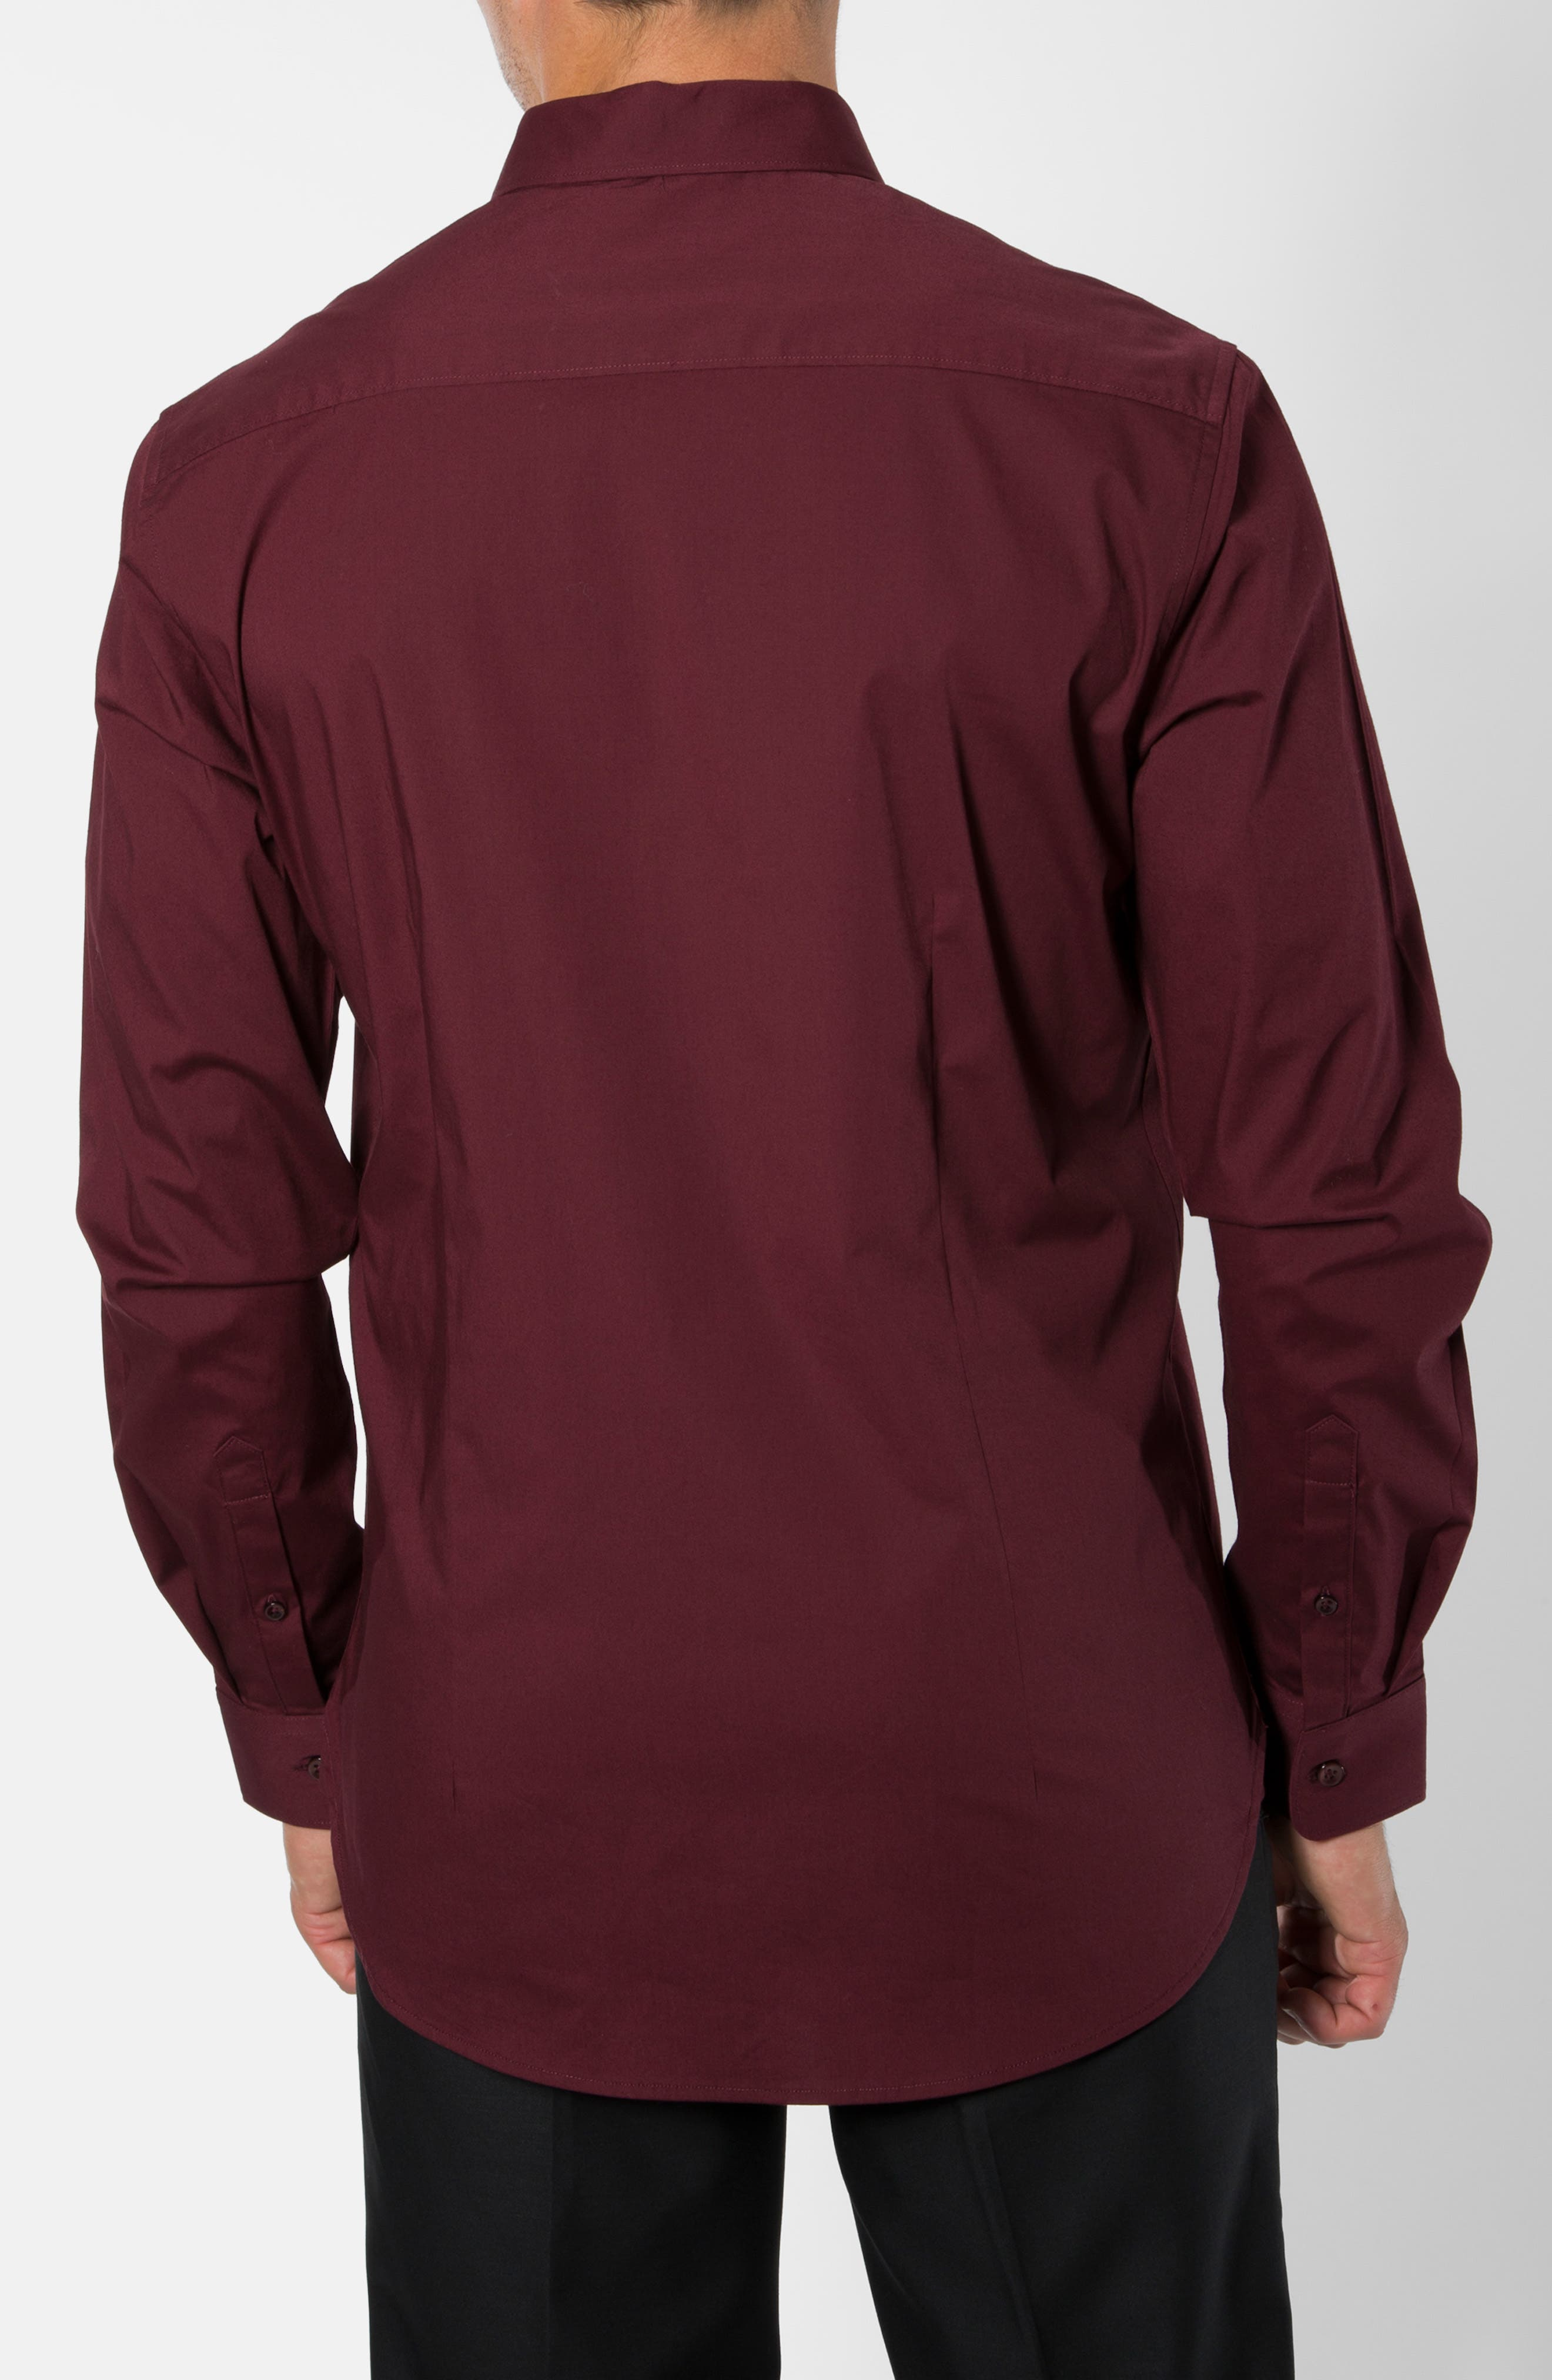 'Peace Train' Trim Fit Woven Shirt,                             Alternate thumbnail 10, color,